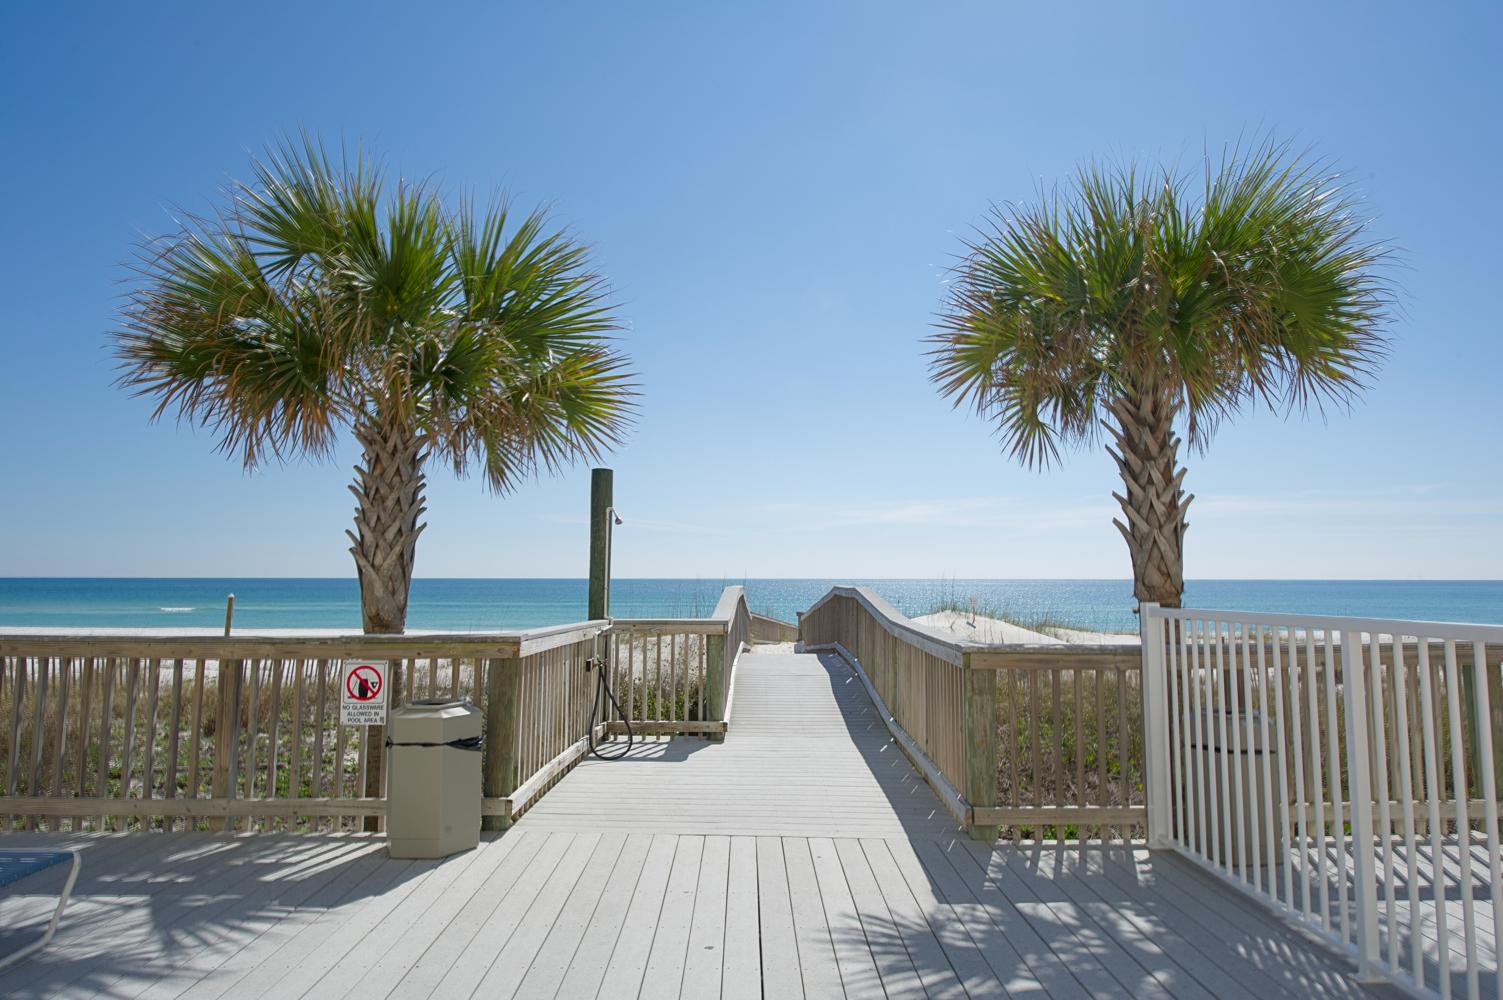 Beach Resort Rentals  SeaSpray West 503 Gulf Front